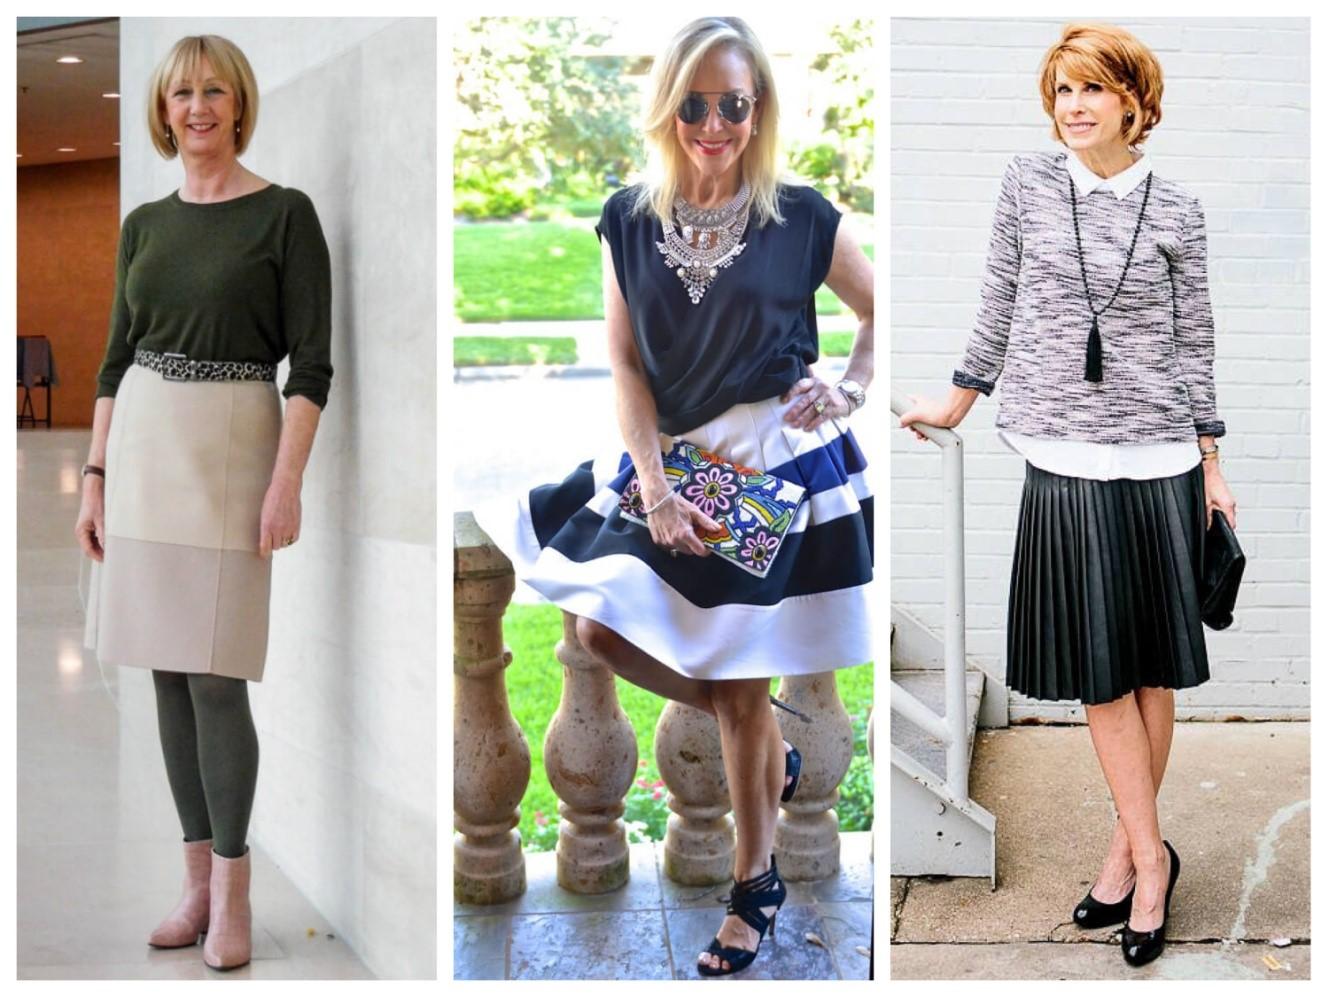 Модные образы для женщин за 50 в коллекциях сезона осень-зима 2019-2020